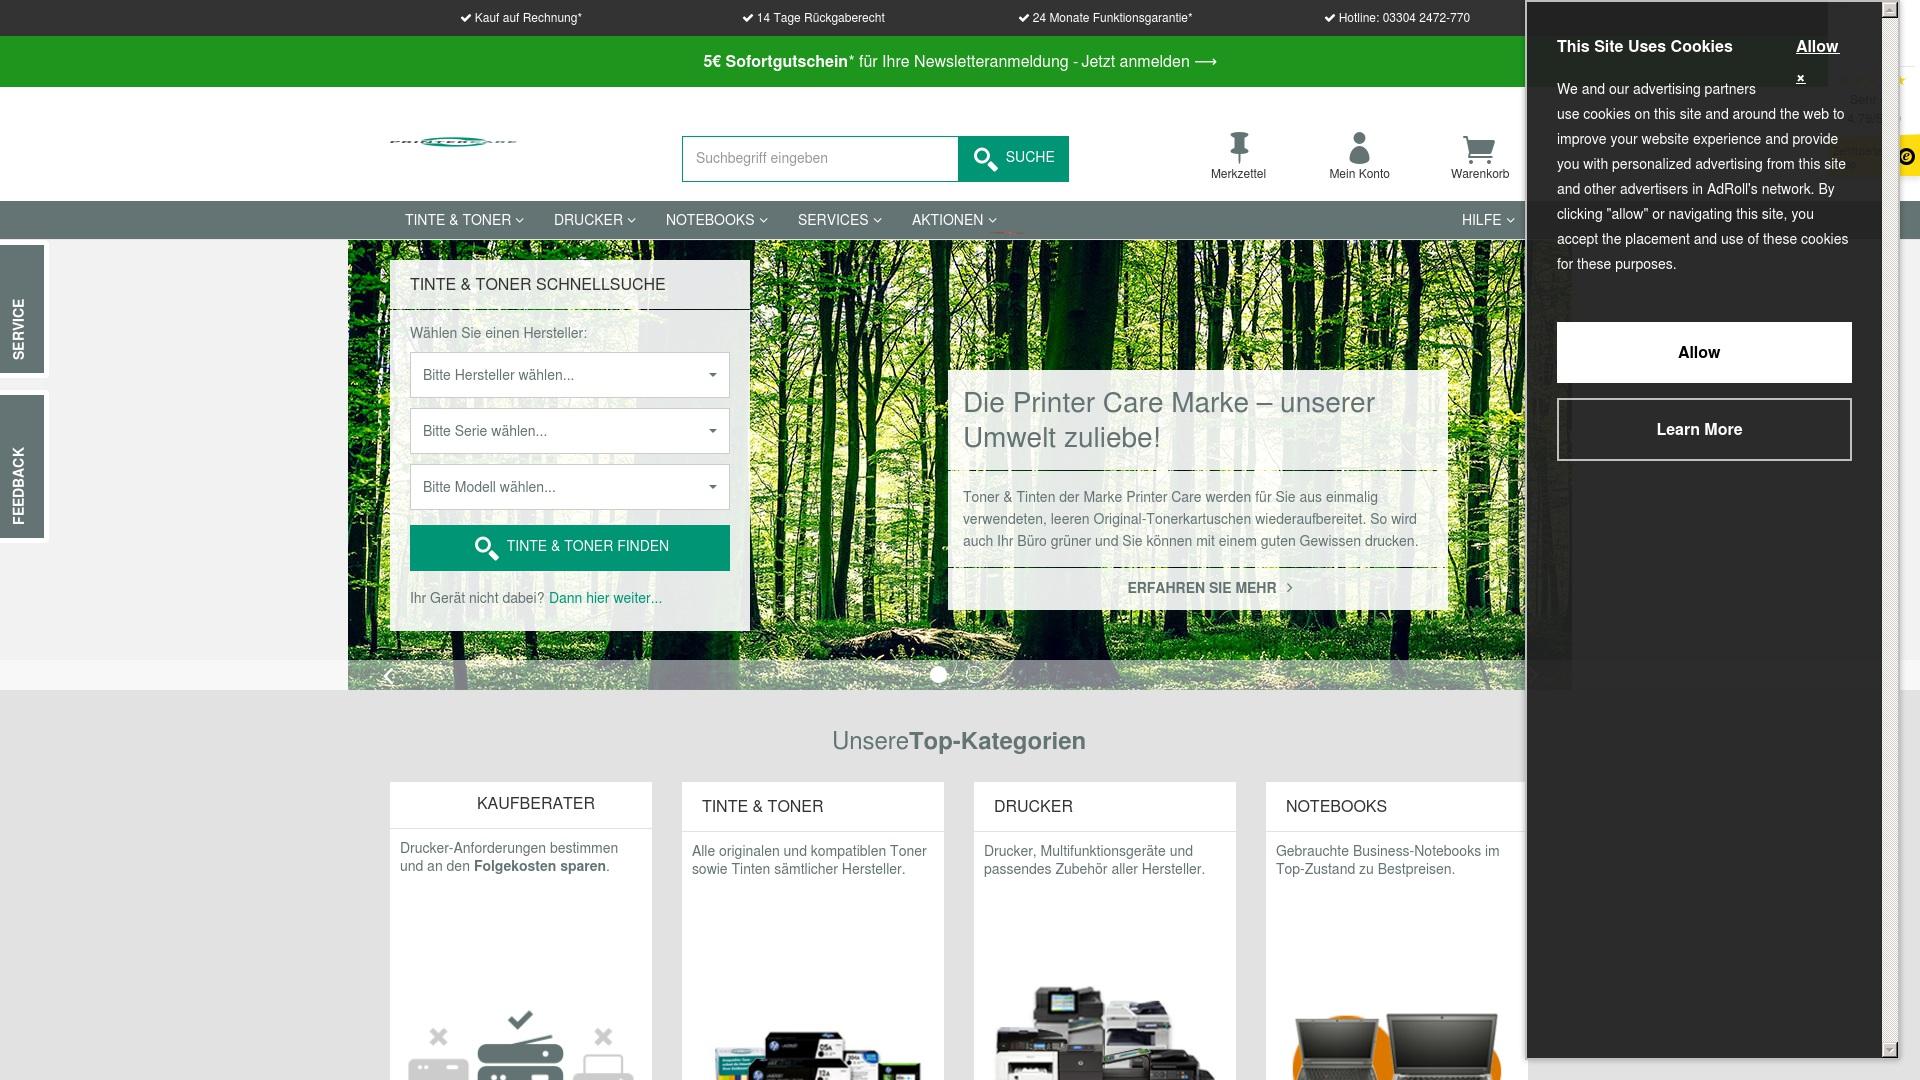 Gutschein für Printer-care: Rabatte für  Printer-care sichern